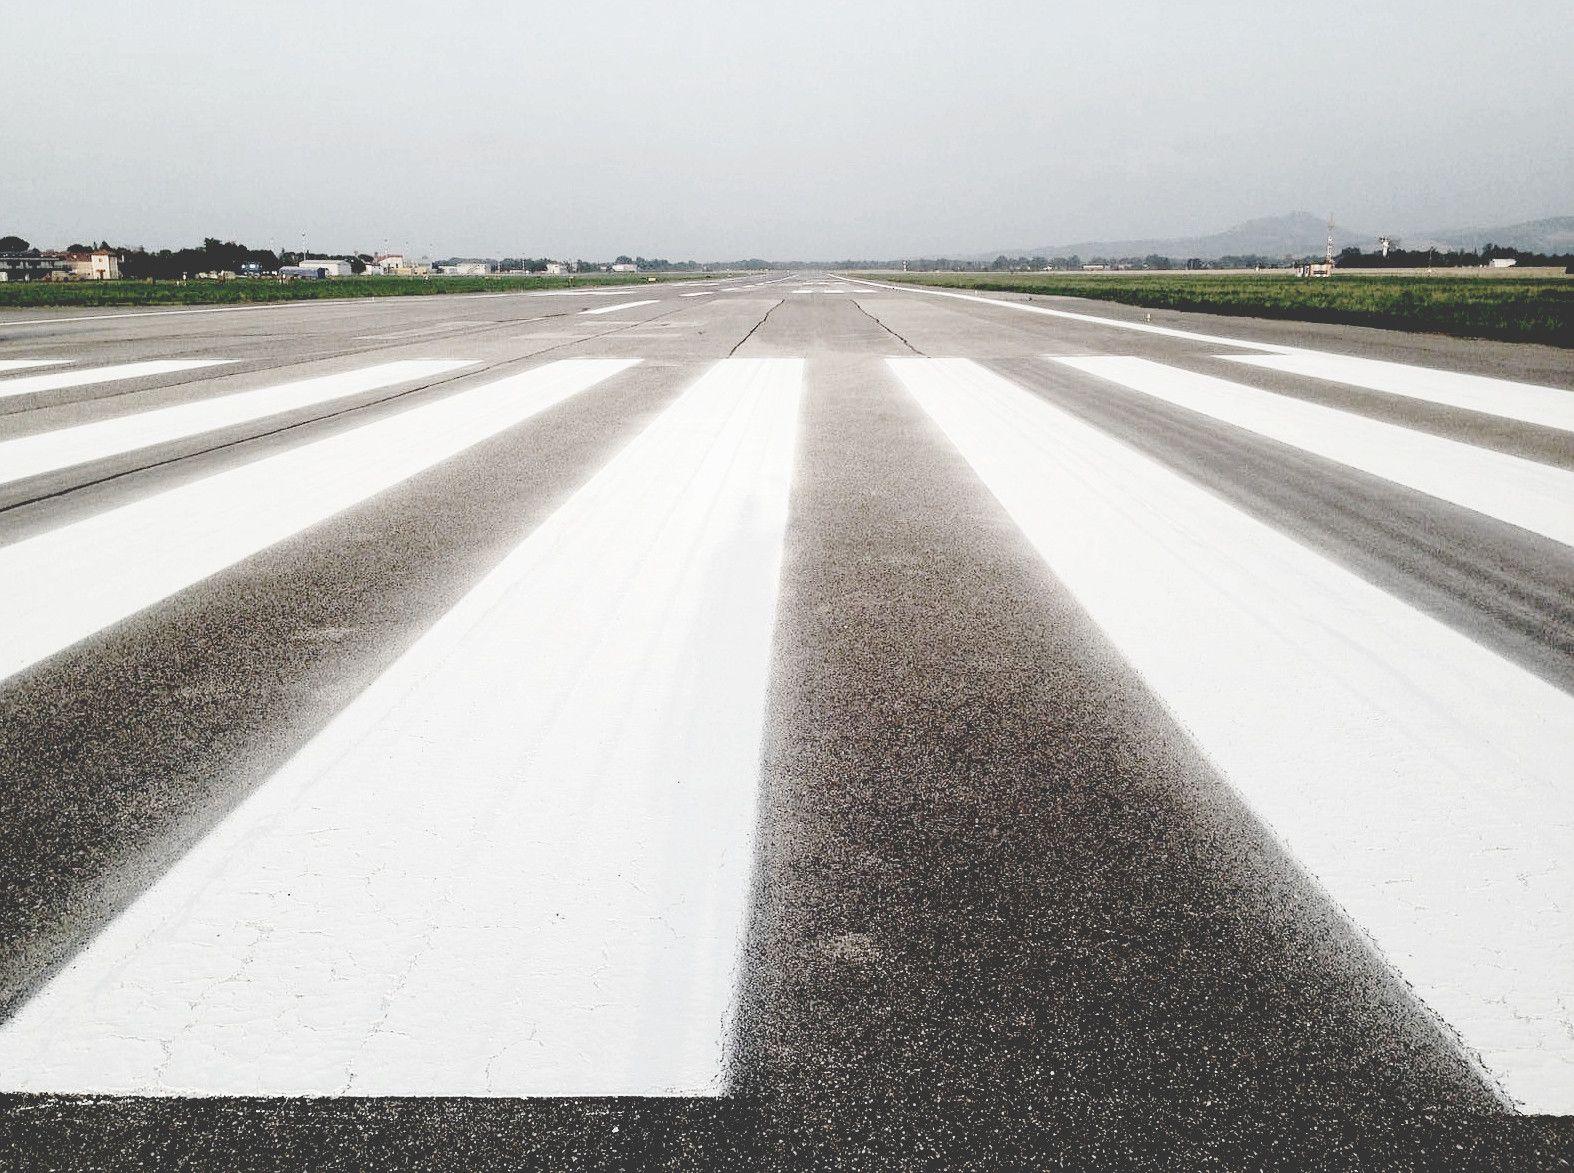 June 2016 freshly painted, dazzling runway markings